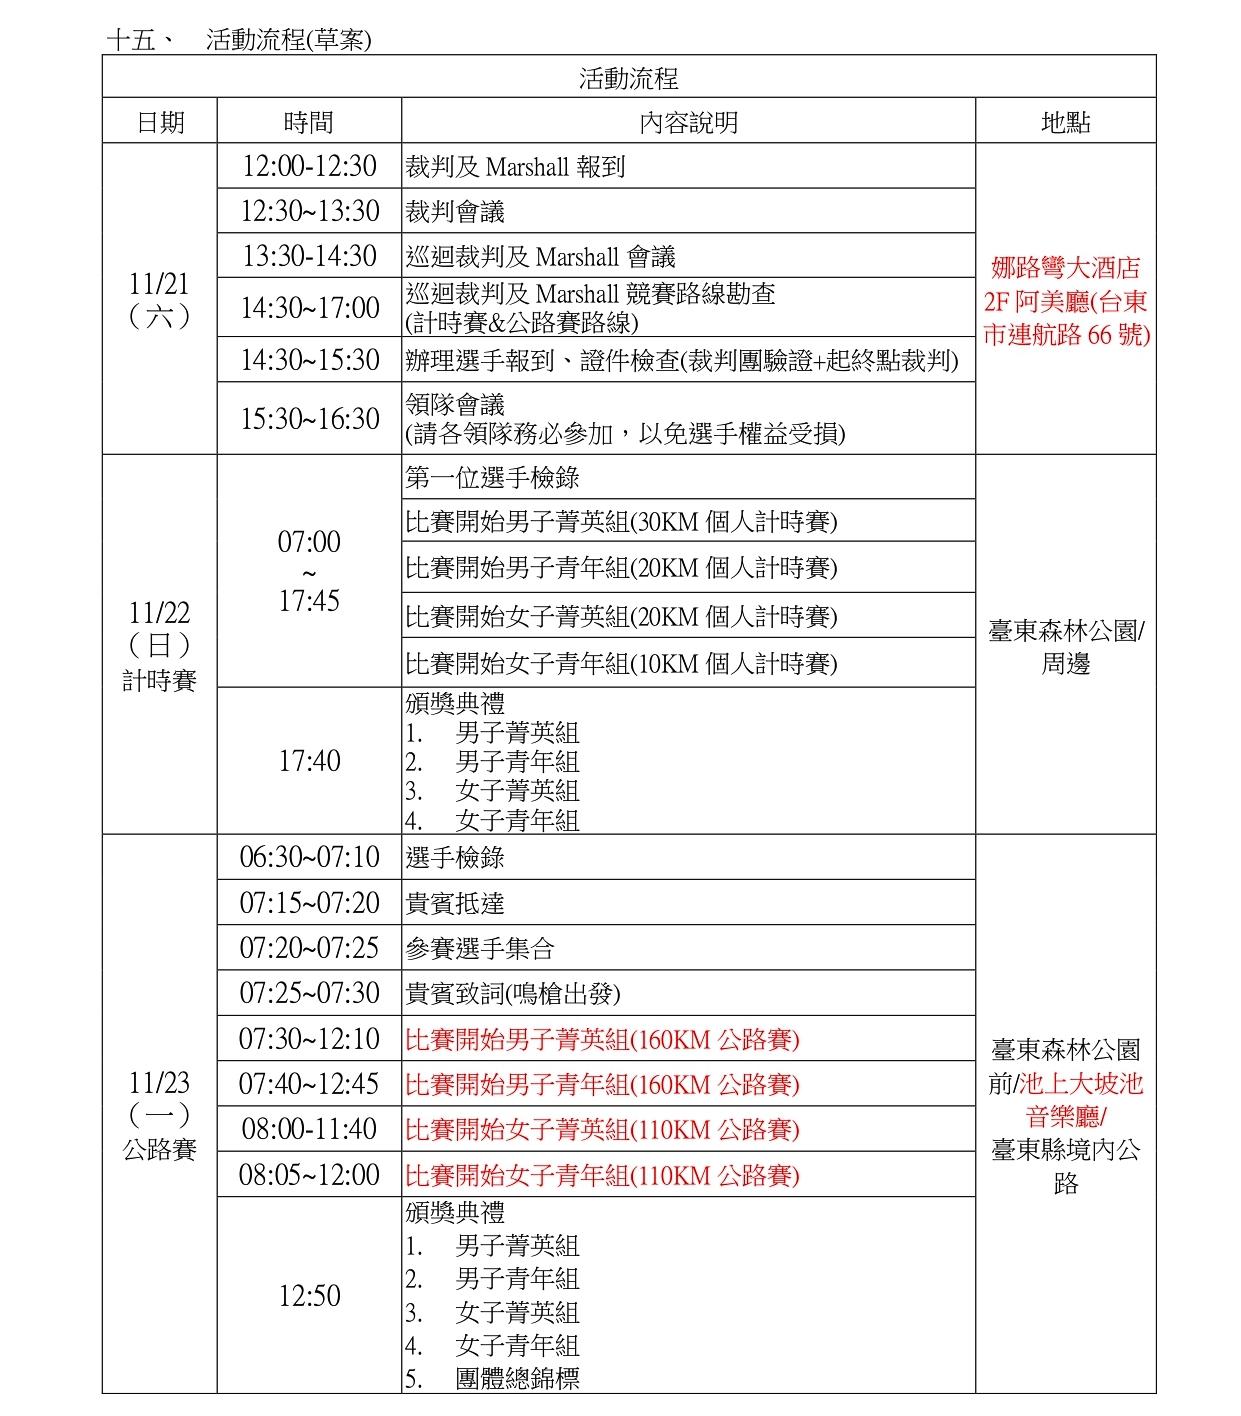 109年全國自由車公路錦標賽_競賽規程1027final_pages-to-jpg-0003